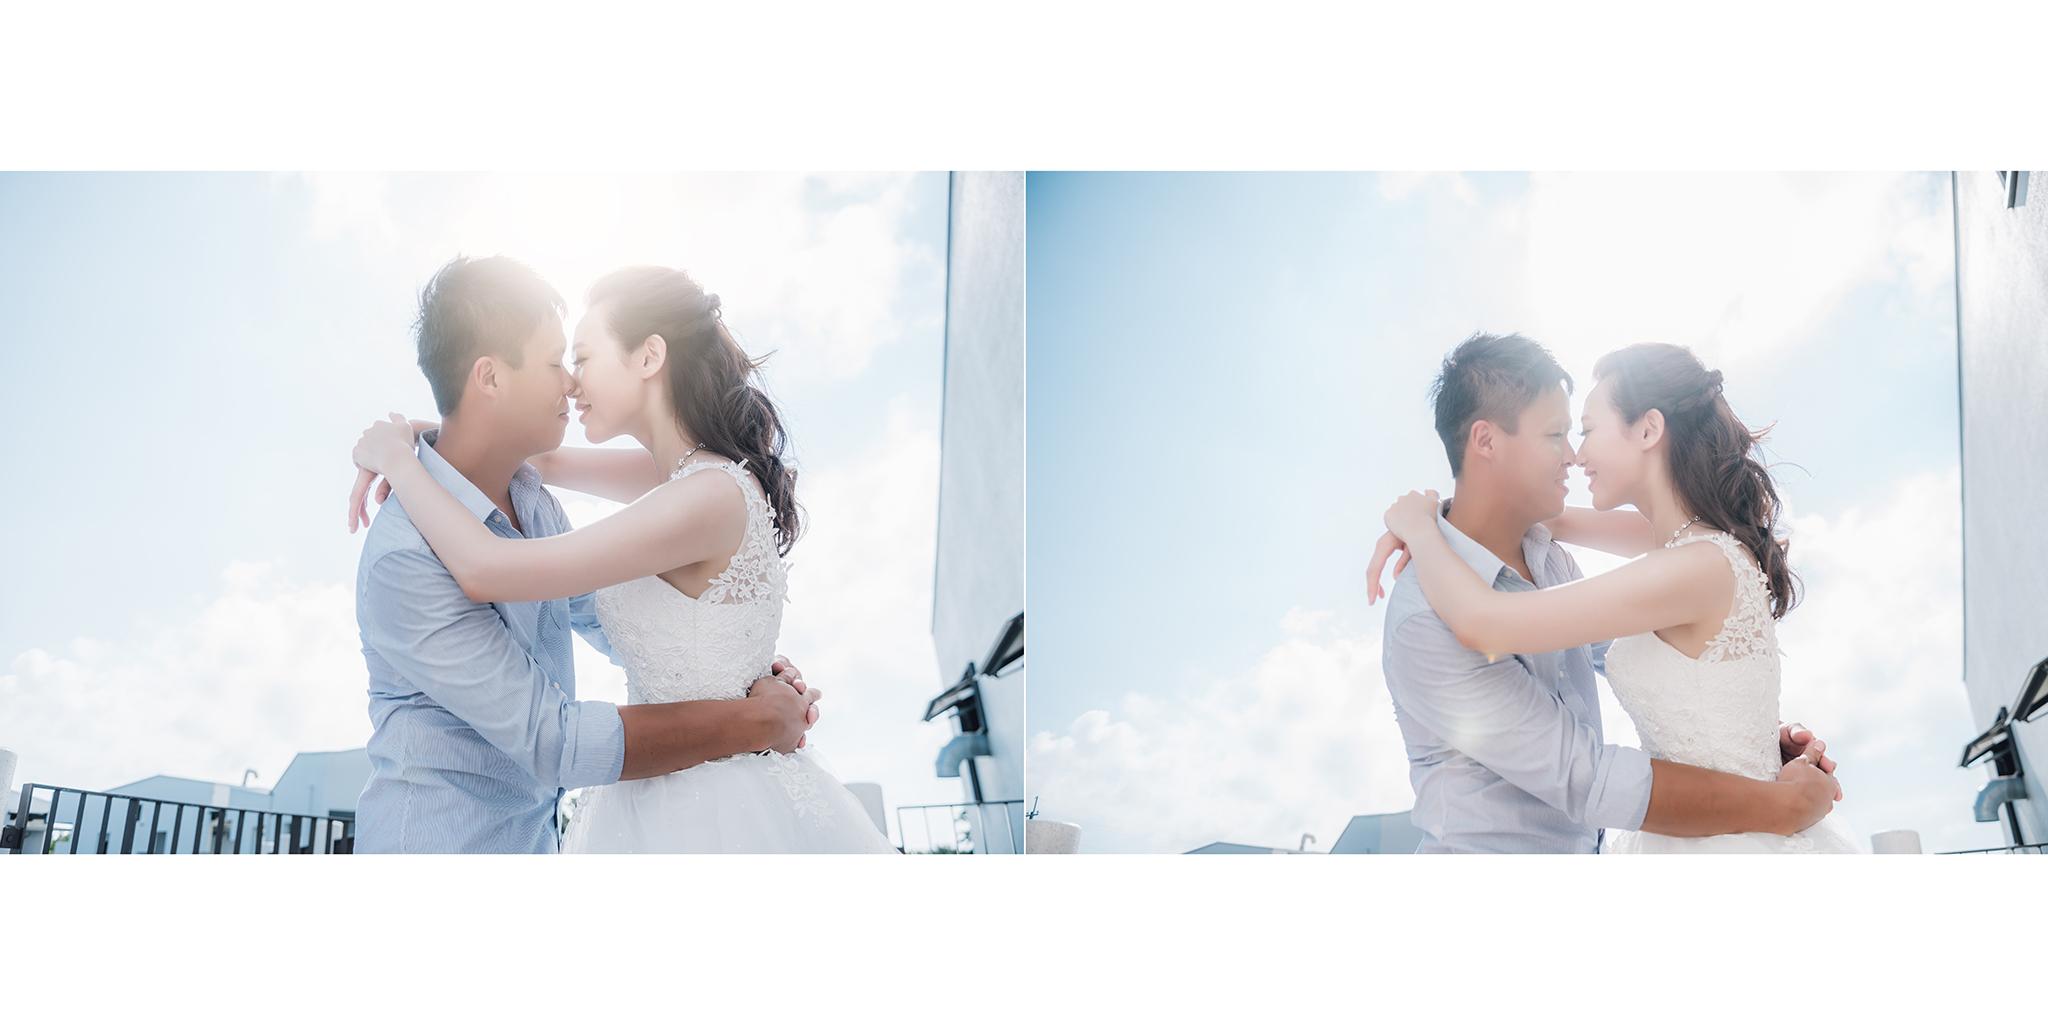 28848619597 c267bd6ab0 o - 【自主婚紗】+儒儒&世英+